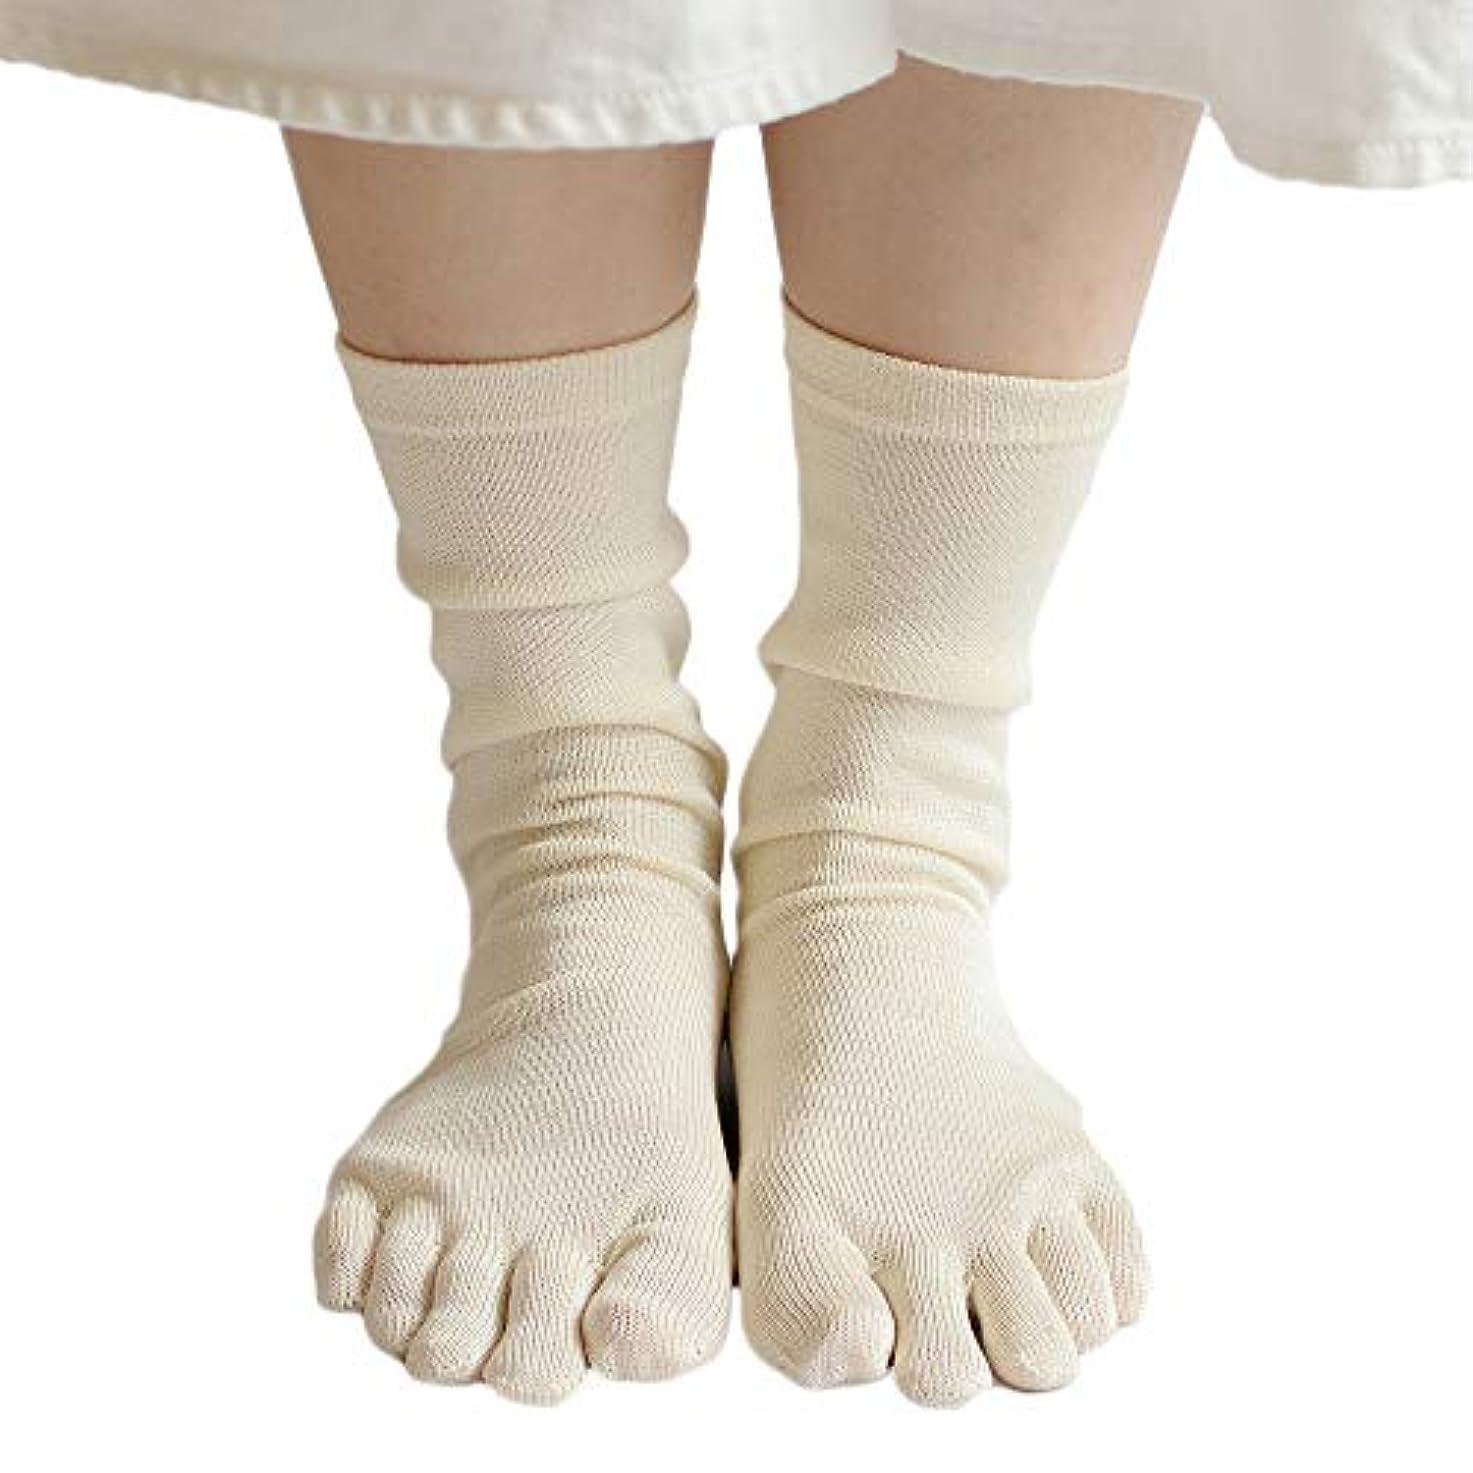 反対するウォルターカニンガムカウンターパートタイシルク 100% 五本指 ソックス 3足セット かかとあり 上質なシルクを100%使用した薄手靴下 重ね履きのインナーソックスや冷えとりに